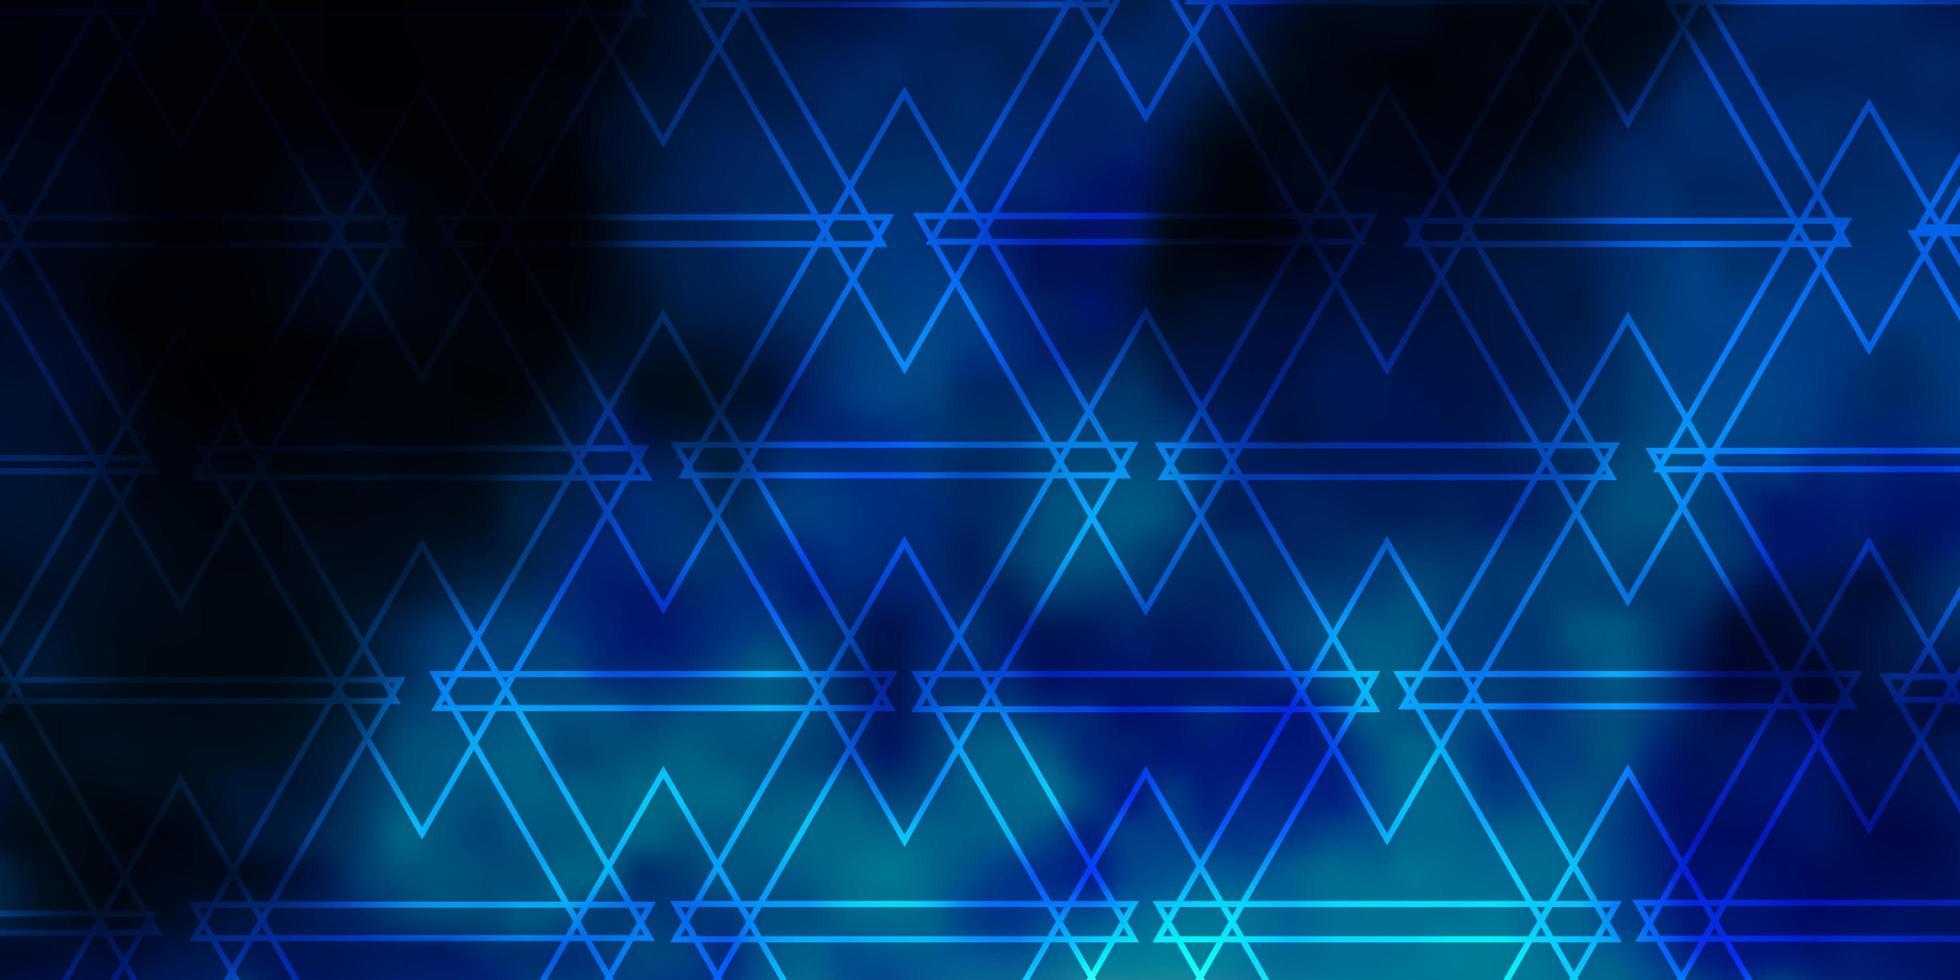 hellblaues Vektorlayout mit Linien, Dreiecken. vektor